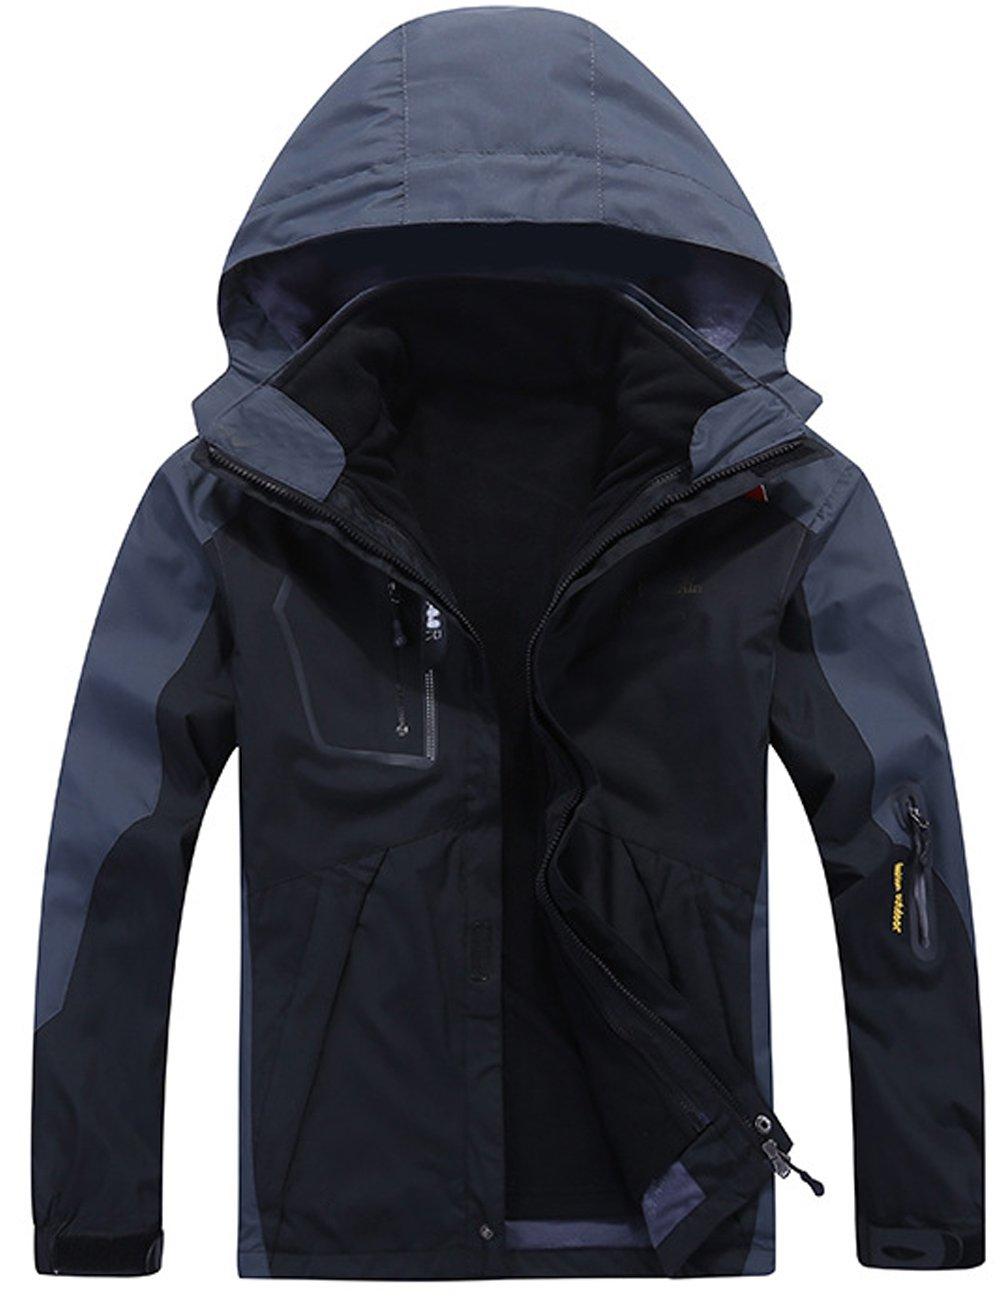 Menschwear OUTERWEAR メンズ B077BY58Y4 3L|Black W1201 Black W1201 3L